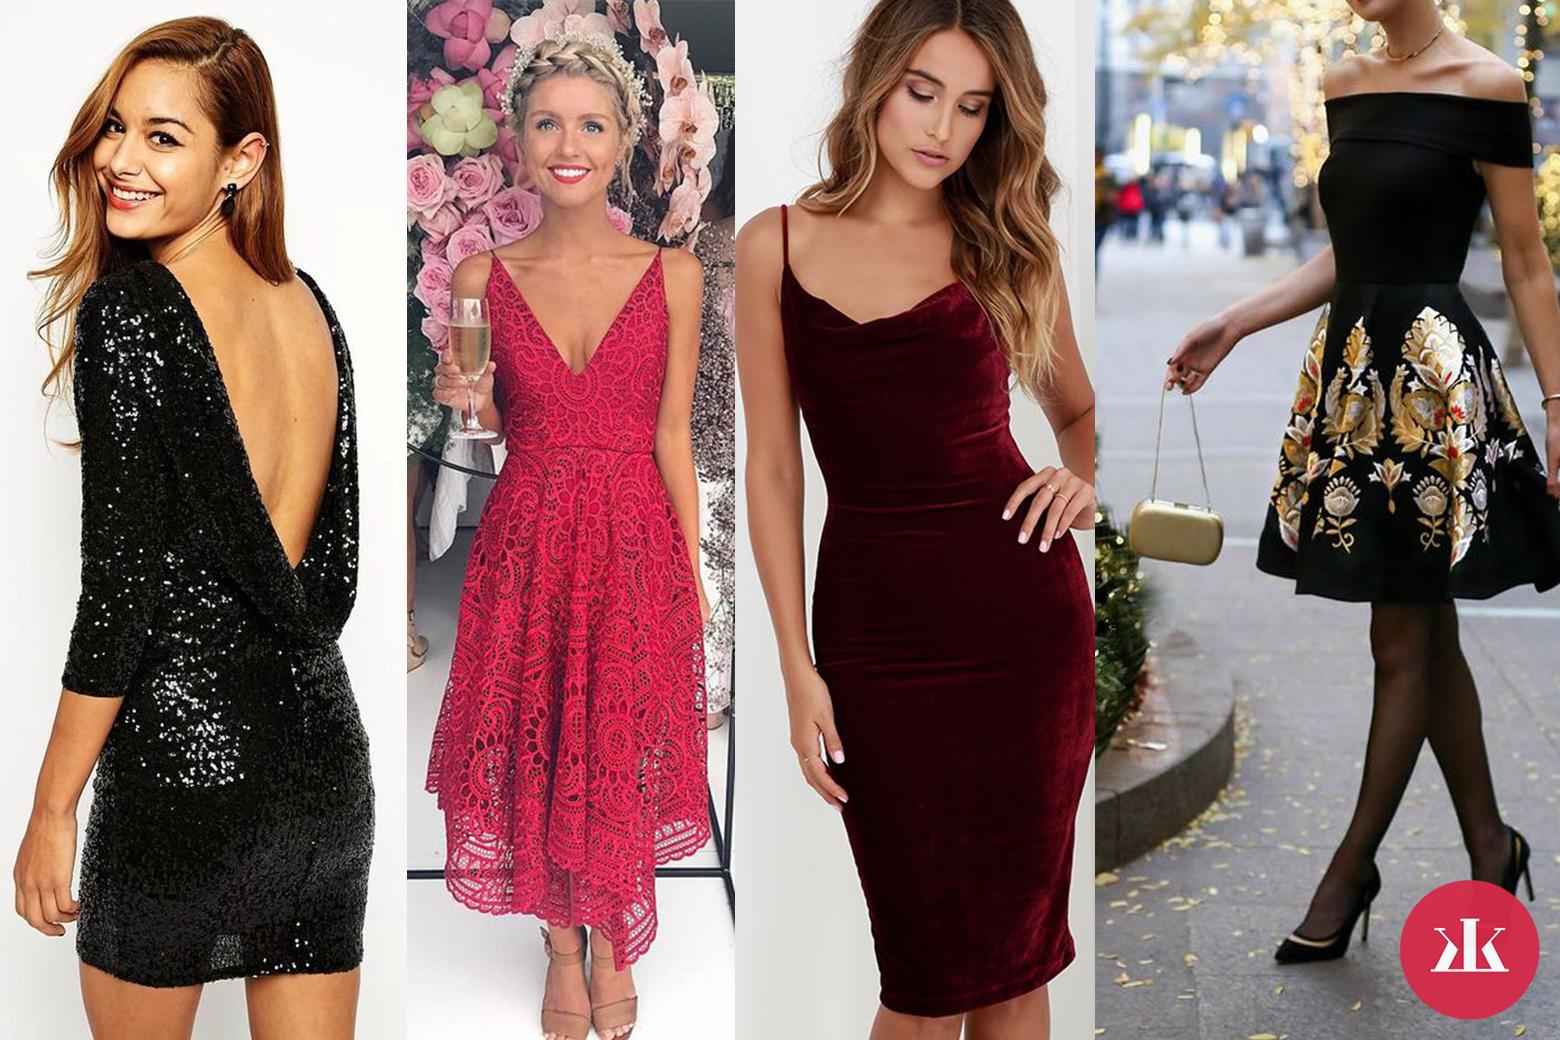 c1d191b8133a Úžasné outfity na vianočný večierok  Ktorý si vyberieš ty ...